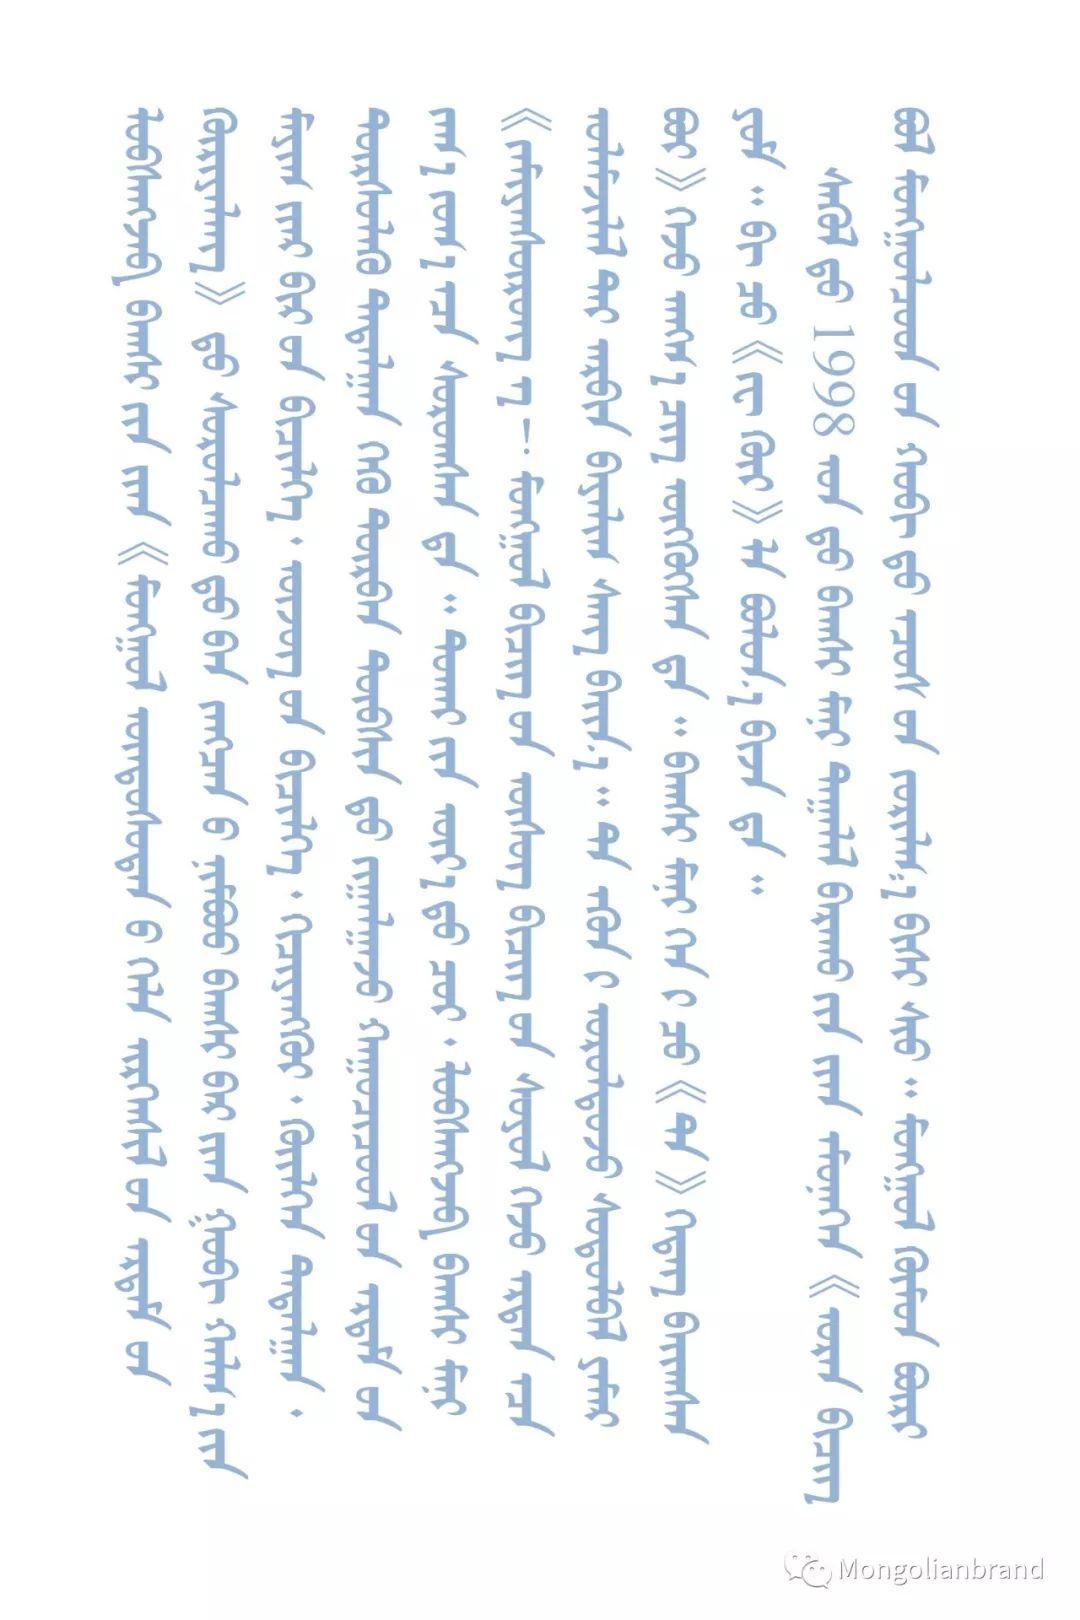 蒙古字体设计专家Jamiyansuren:让每个蒙古人掌握传统蒙古文是我们的终极目标 第26张 蒙古字体设计专家Jamiyansuren:让每个蒙古人掌握传统蒙古文是我们的终极目标 蒙古文化